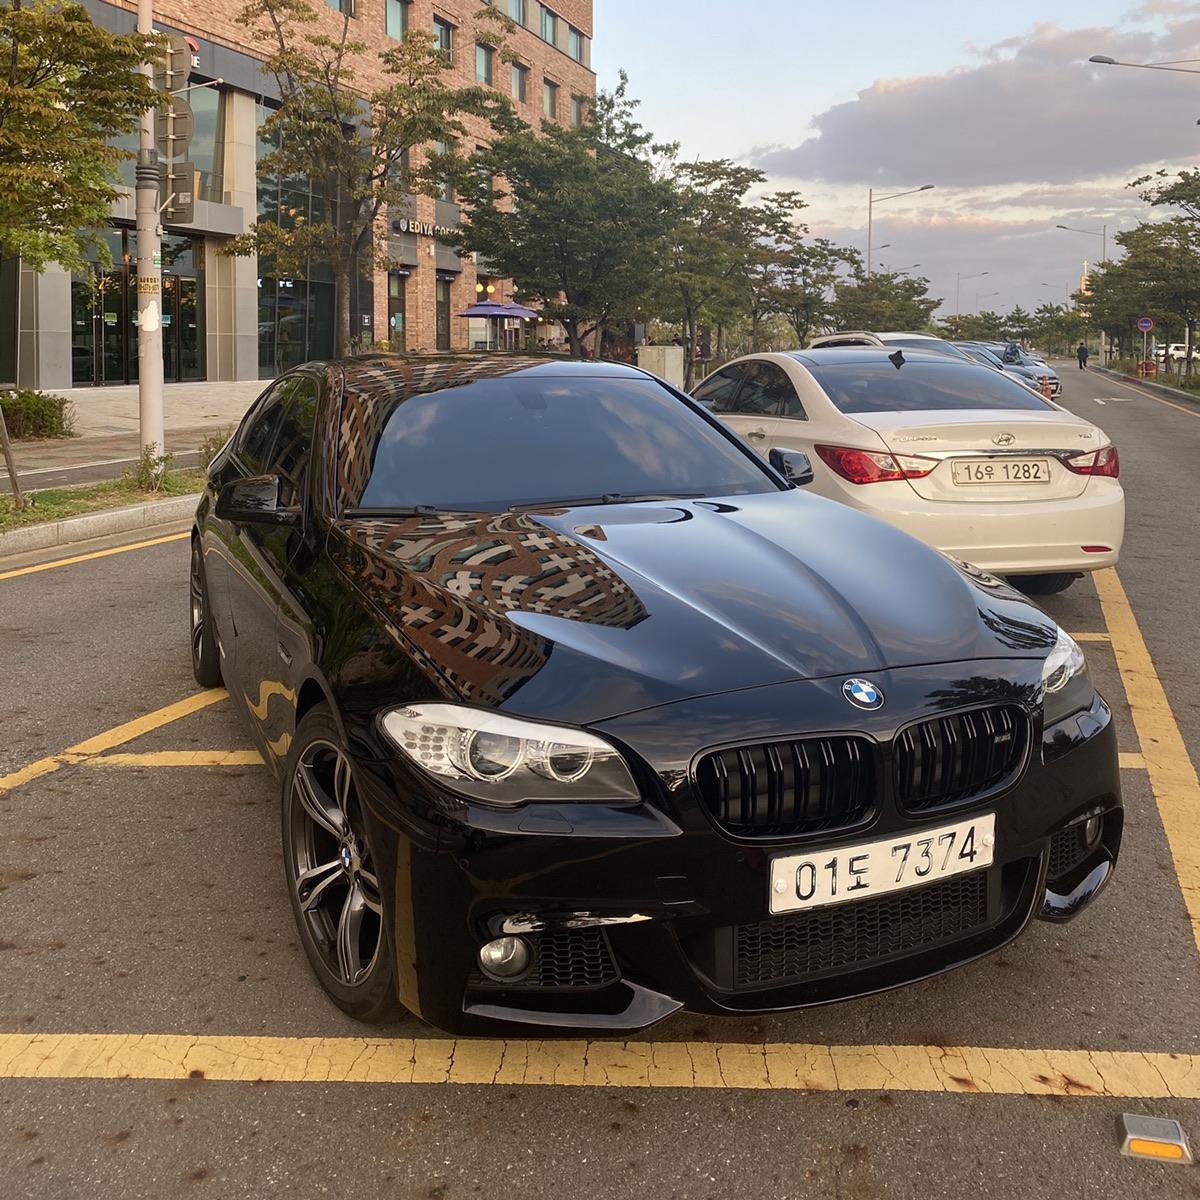 BMW 520d 판매합니다 (550d풀튜닝) - 0